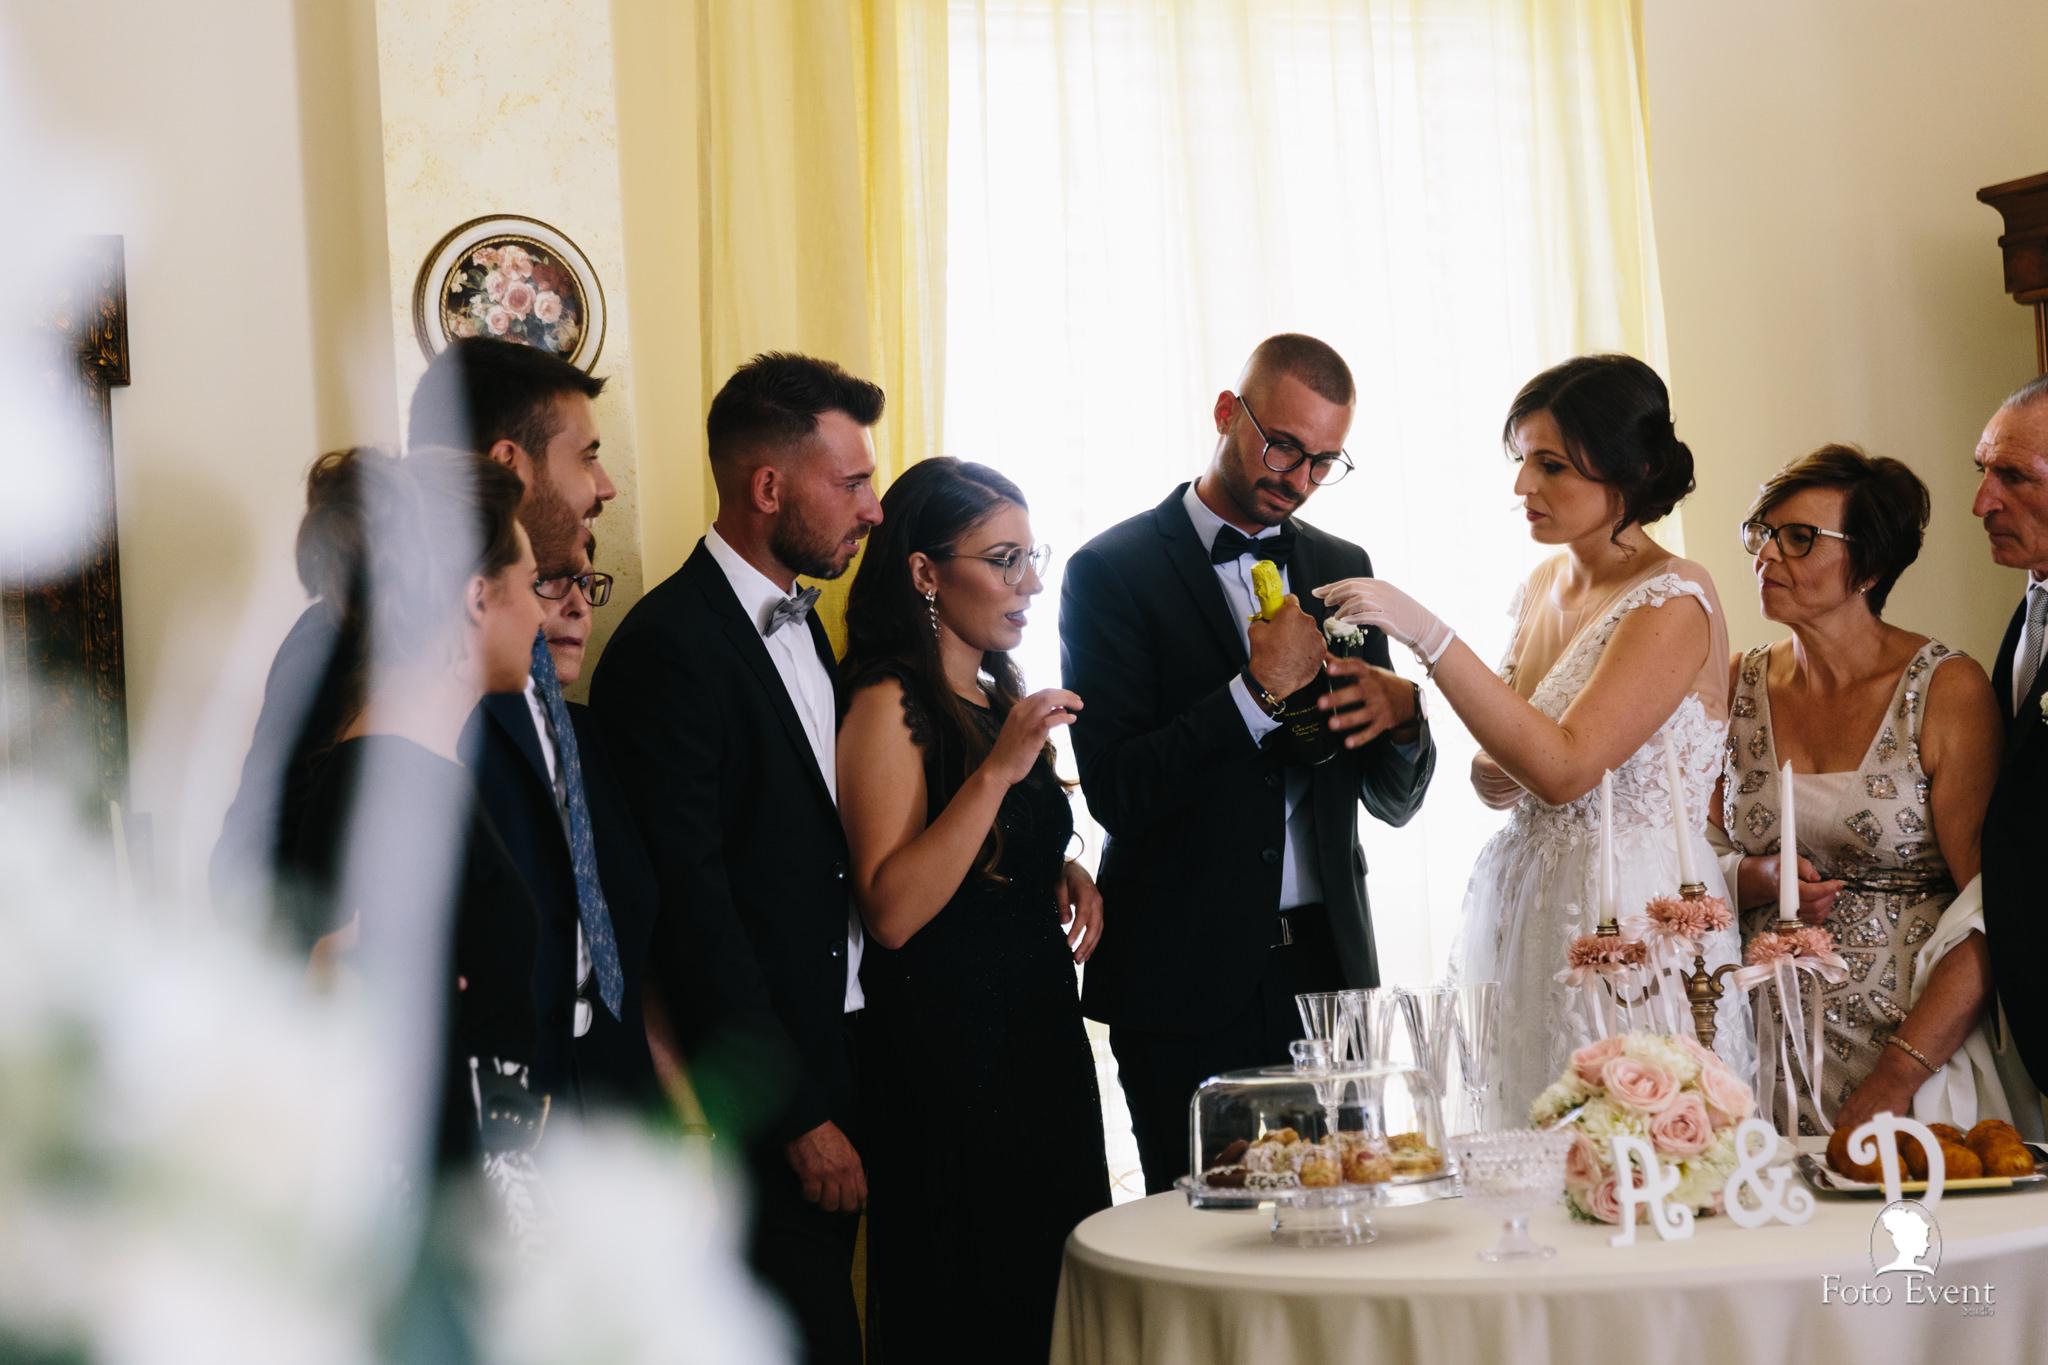 018-2019-09-09-Matrimonio-Dorotea-e-Alberto-Iemmolo-5DE-616